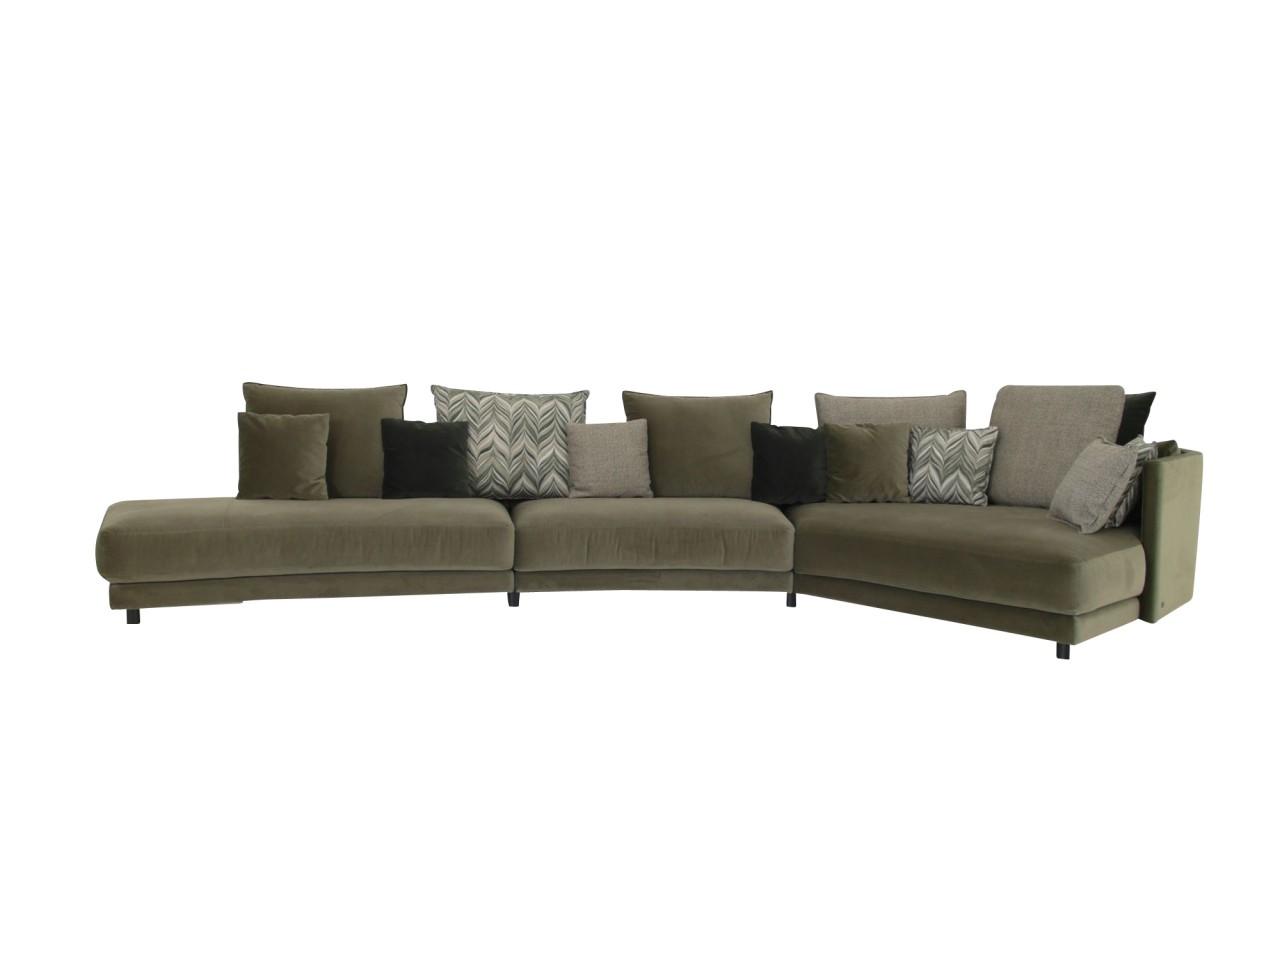 Full Size of Sofa Garnitur 3 Teilig 2 Couch Leder Kasper Wohndesign Schwarz Ikea Sofa Garnitur 3/2/1 Eiche Massivholz 1 Garnituren 3 2 1 Couchgarnitur Kaufen Gebraucht Sofa Sofa Garnitur